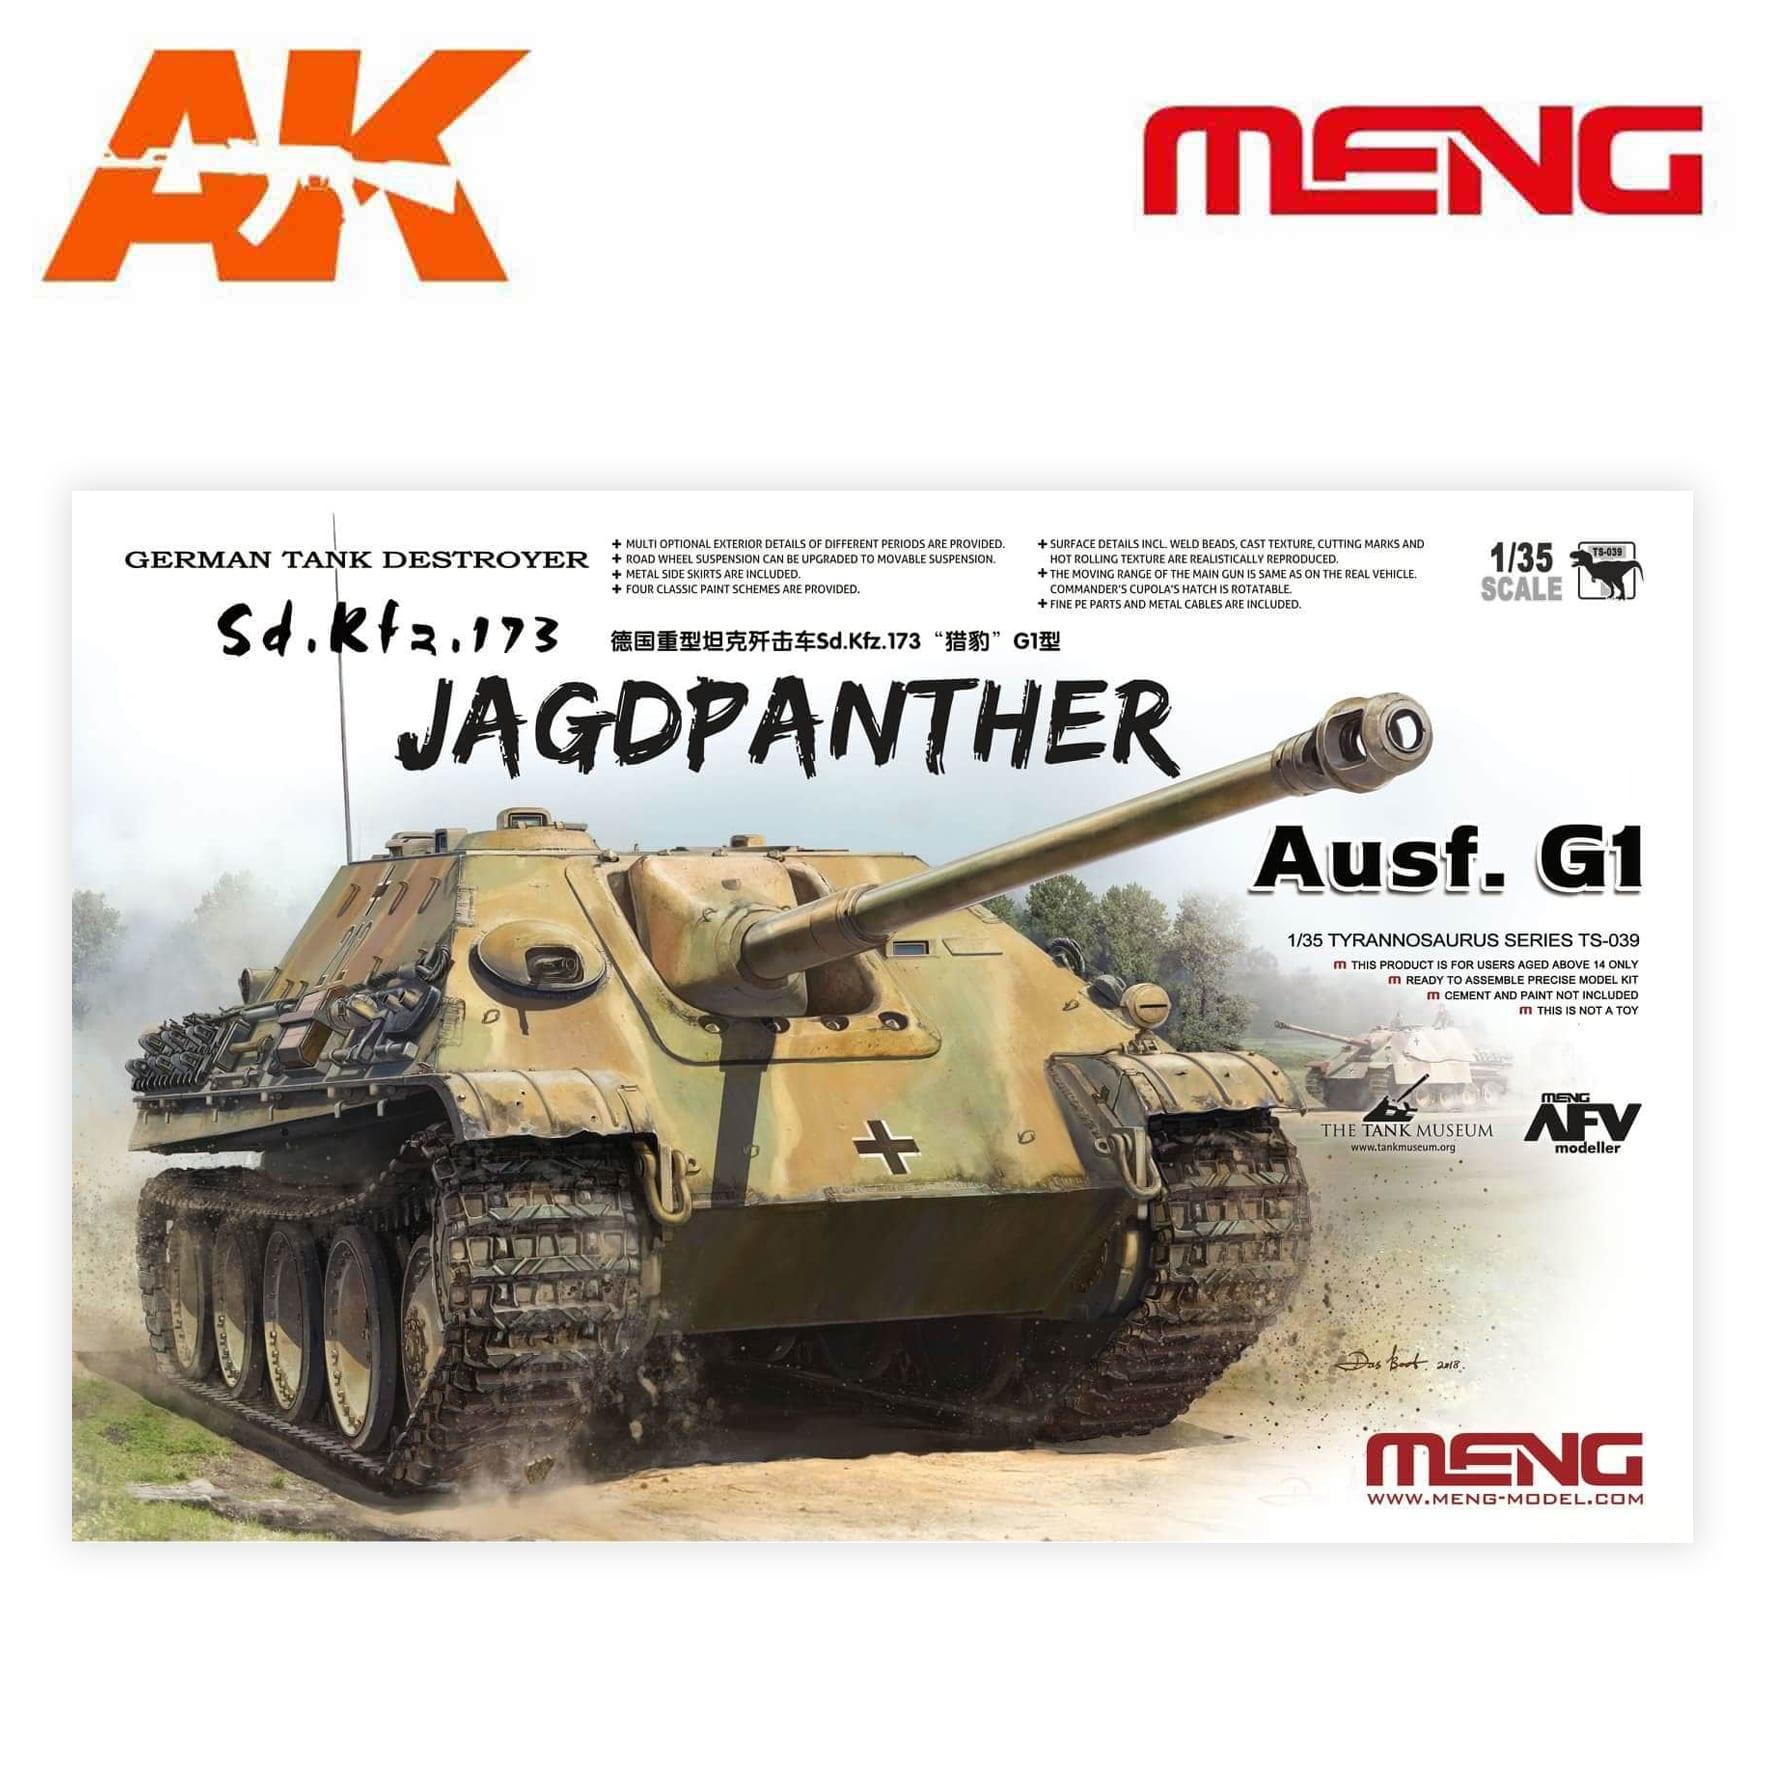 Meng Models German Tank Destroyer Sd.Kfz.173 Jagdpanther G1 - Scale 1/35 - Meng Models - MM TS-039